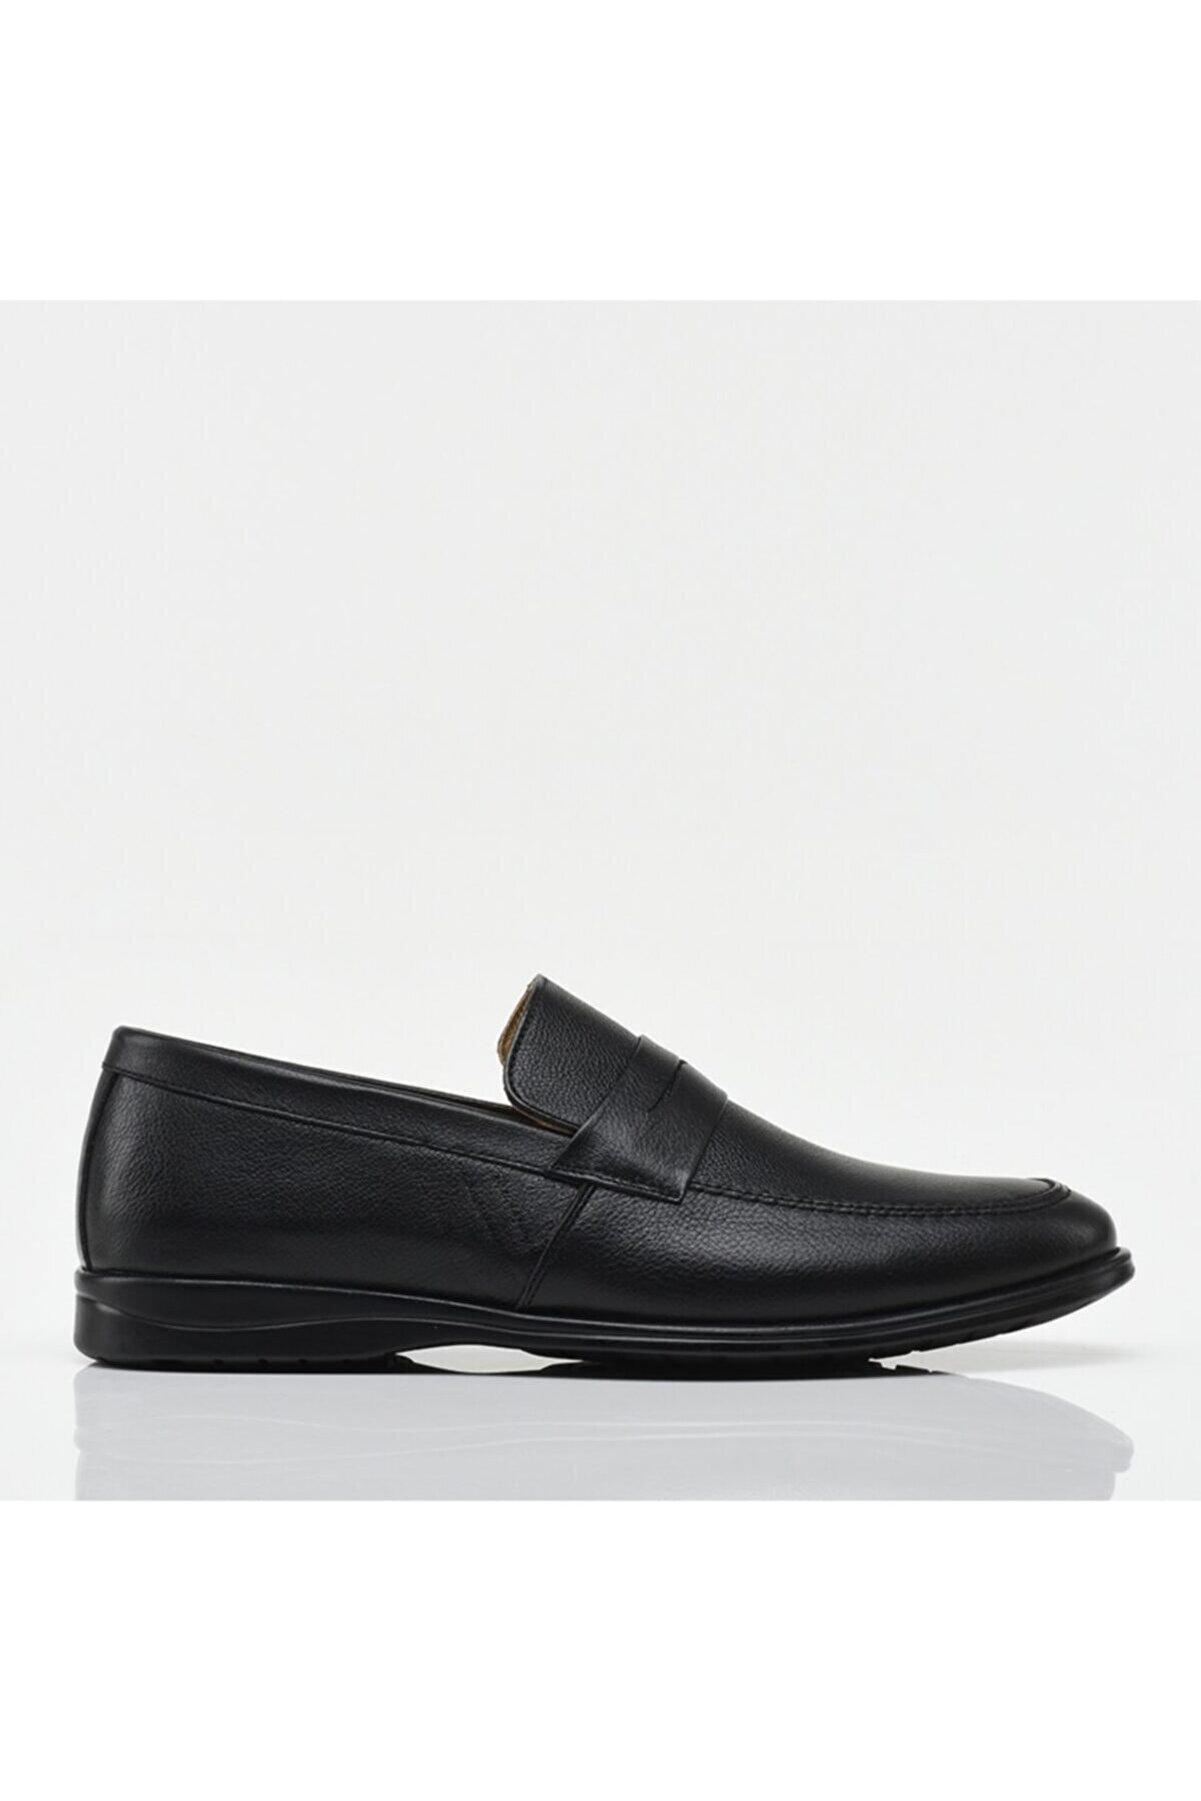 Hotiç Erkek Siyah Hakiki Deri Loafer Ayakkabı